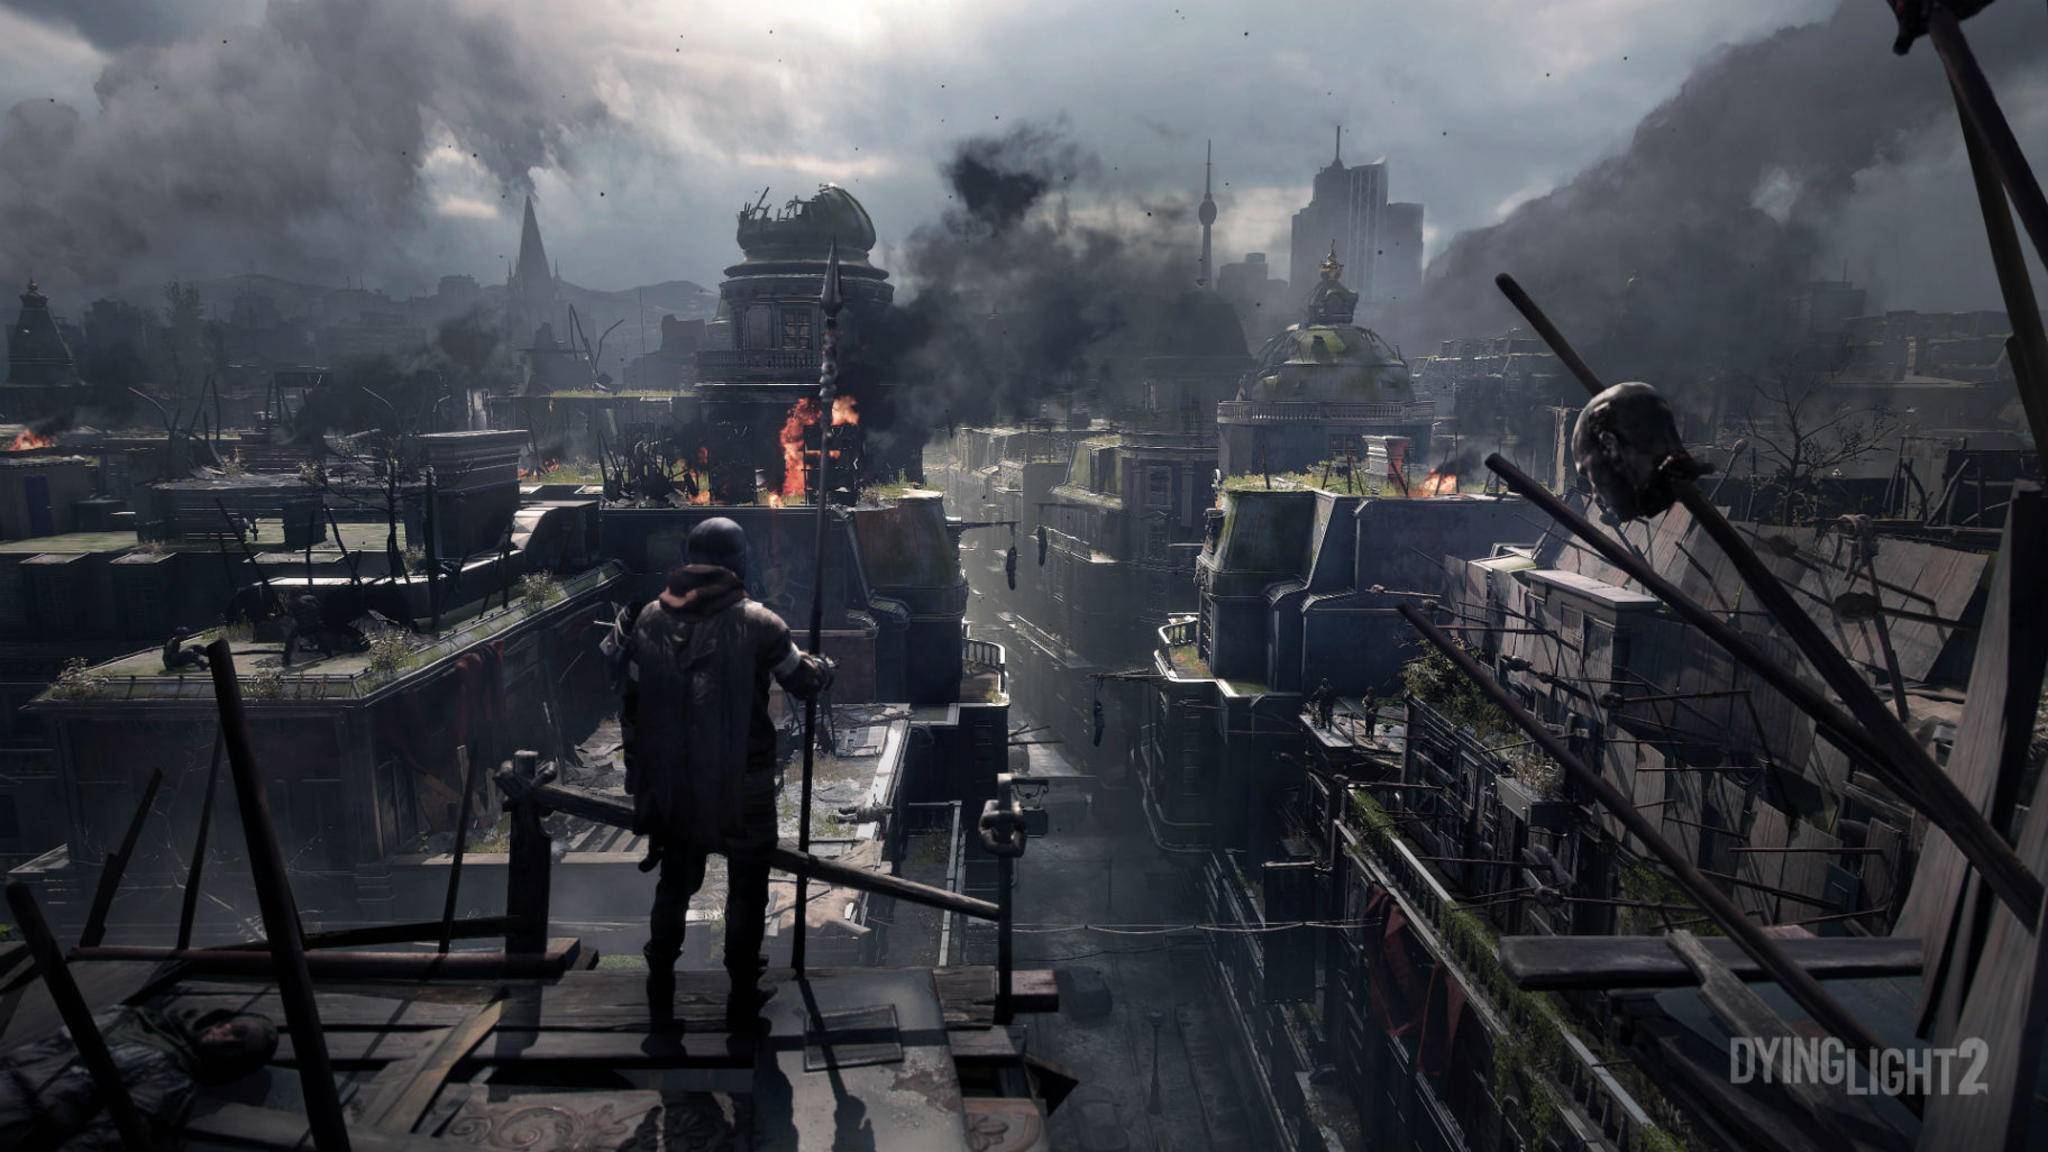 """Entscheidungen nehmen direkten Einfluss auf die Entwicklung der Stadt in """"Dying Light 2""""."""